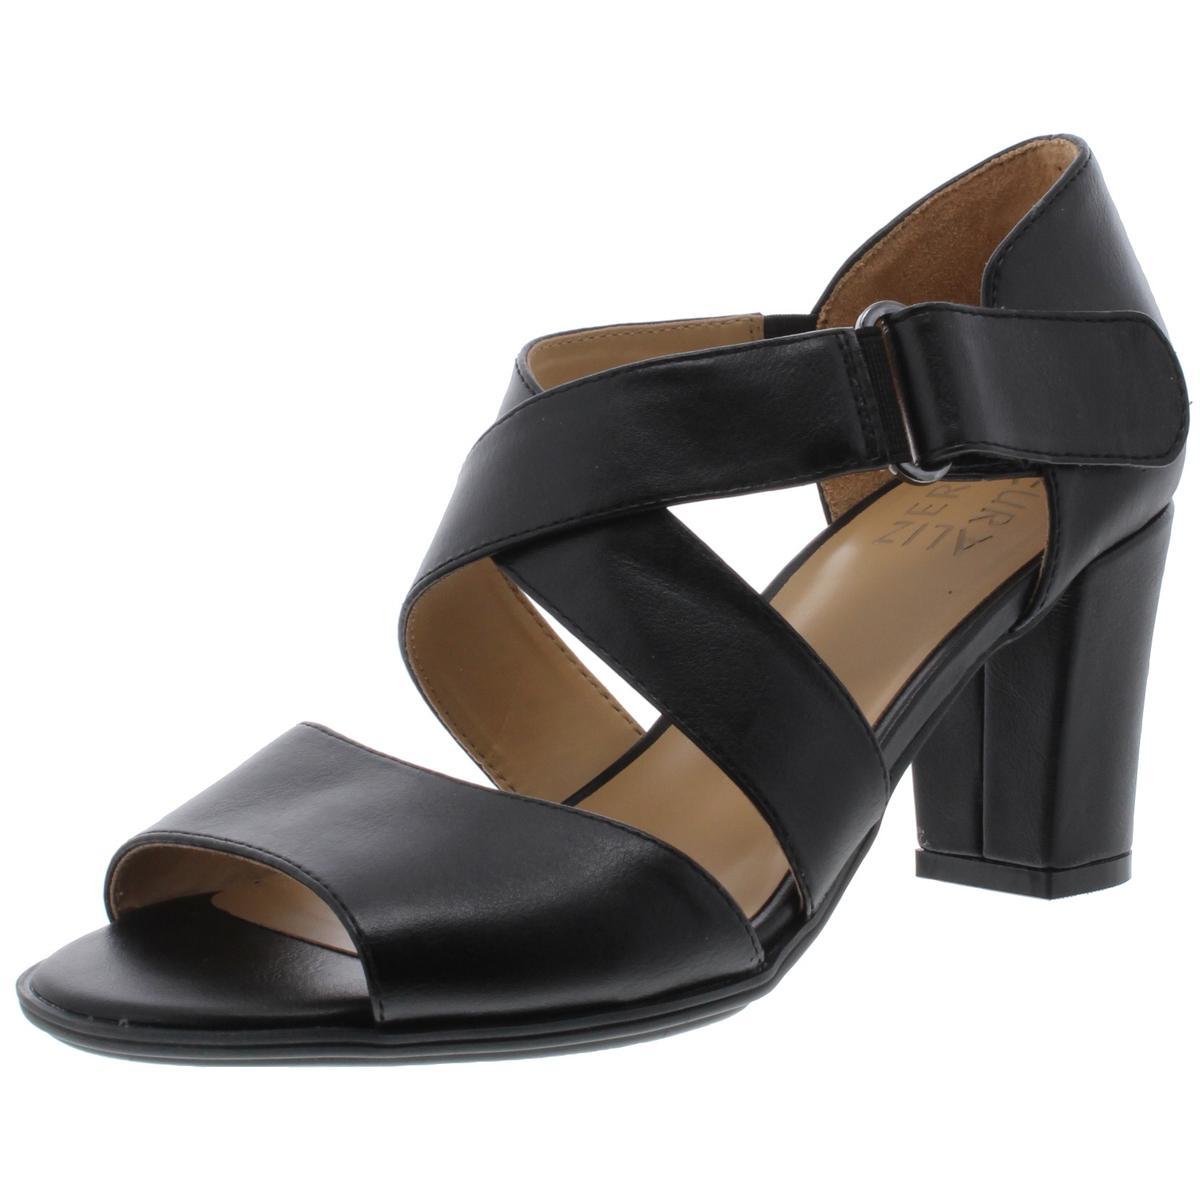 Naturalizer Black Womens Opal Espadrille Platform Sandal